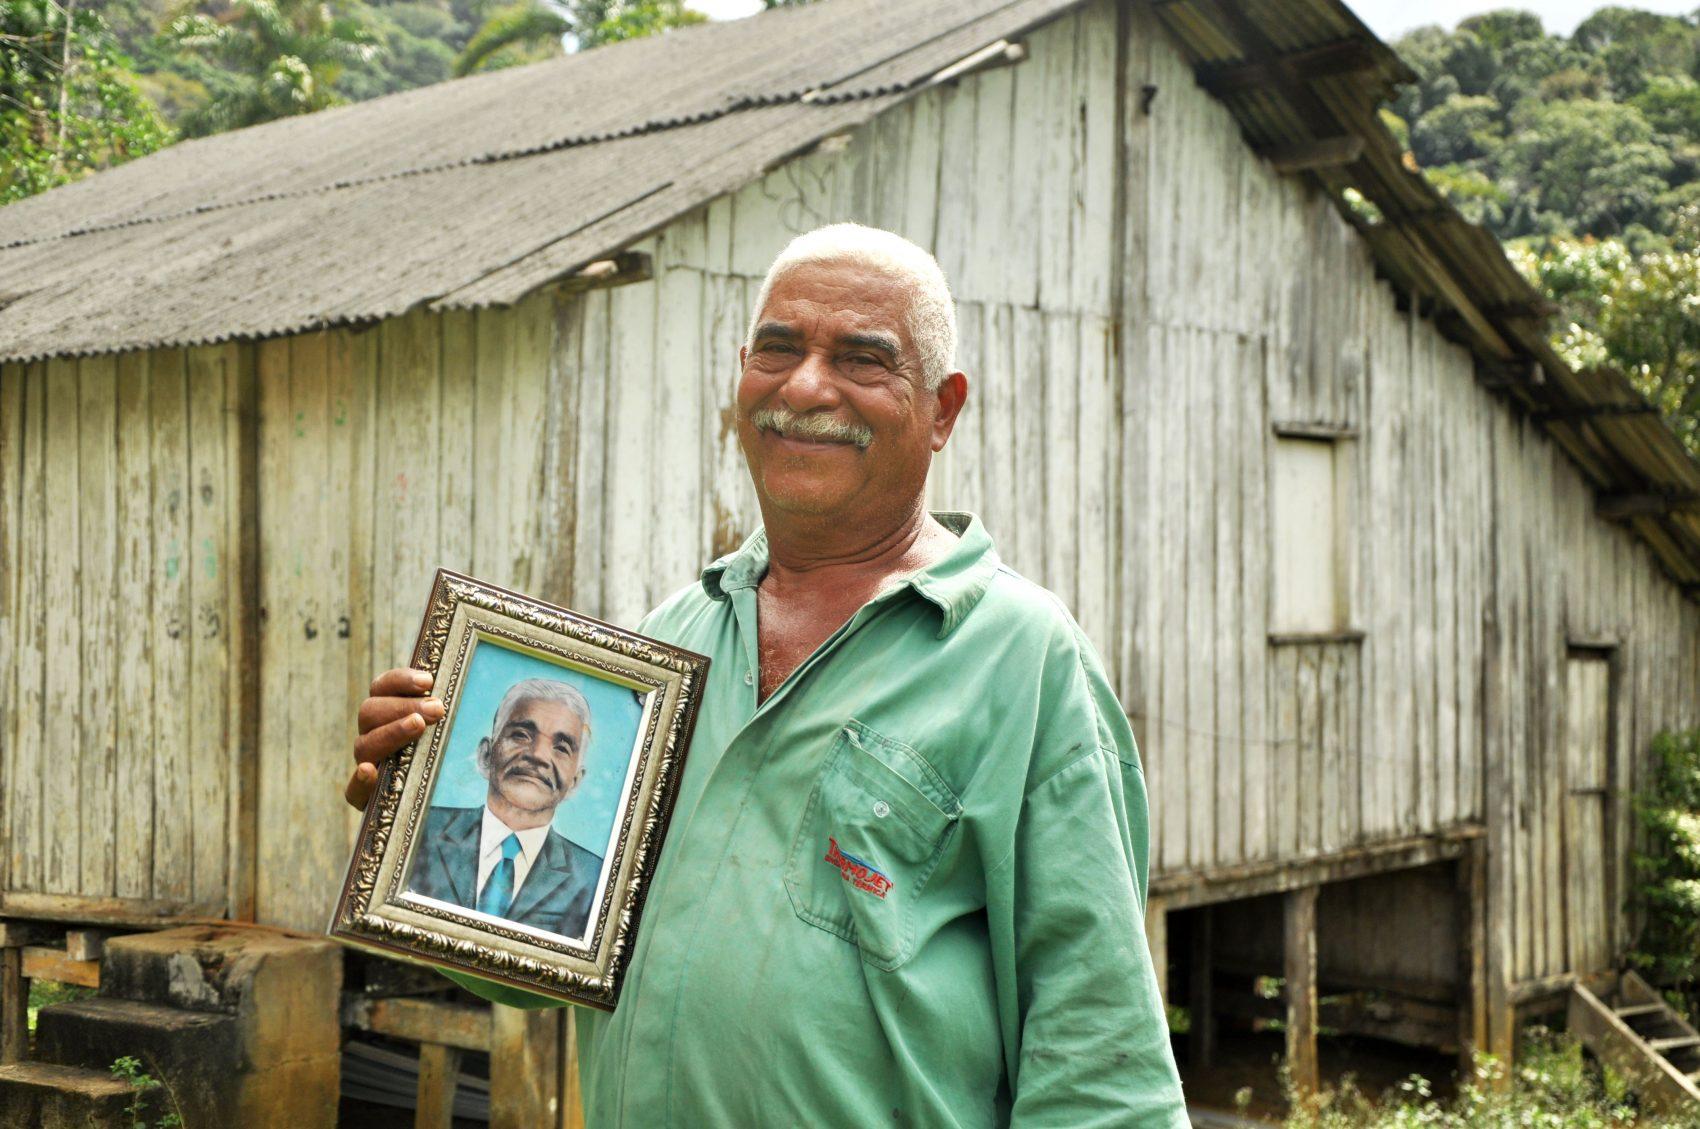 Seu Lírio (Rosemiro Ferreira da Silva), pajé da Serra do Padeiro, com o retrato de seu pai, João de Nô (Foto: Daniela Alarcon/divulgação)